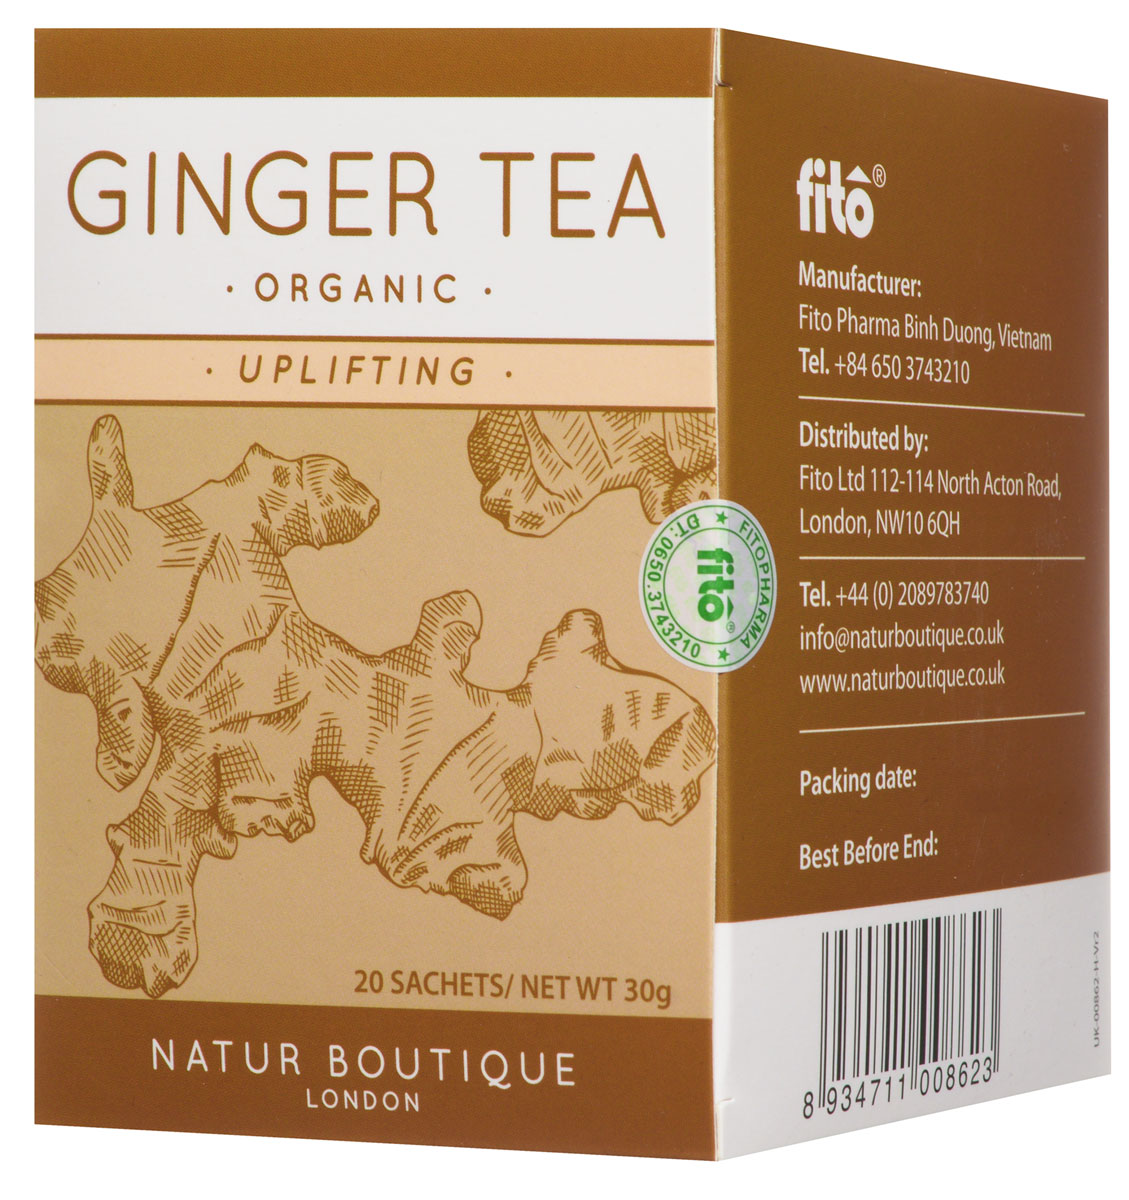 Natur Boutique Ginger Organic Tea органический чай имбирь, 20 пакетиков253Целебные свойства имбиря издревле известны тибетским лекарям и активно используются в современной медицине. А пить имбирный чай – это удобный и эффективный способ получить удовольствие и ощутить на себе пользу этого во всех смыслах горячего пряного растения.Имбирный чай Natur Boutique Ginger Organic Tea – настоящее спасение в холодное время года, при простуде, при замедленной циркуляции крови, при нарушении обмена веществ, и еще во многих случаях. А все потому что этот продукт:СогреваетСтимулирует кровообращениеУскоряет обмен веществТонизируетОбладает омолаживающим эффектомНейтрализует тошноту.Диетологи, неврологи, врачи прочих специализаций рекомендуют включать имбирь в рацион, добавлять во все блюда, от супа до десерта. Пряный жгучий корень можно найти на прилавках продуктовых магазинов в различном виде: цельного корня, маринованных листочков, сухой приправы. Имбирный чай во многих кофейнях и барах зимой позиционируется как фирменный напиток дня. А вы можете просто купить имбирный чай и получать удовольствие от вкусного и полезного напитка у себя дома, в любое время суток.Имбирный чай имеет довольно специфический, хоть и приятный вкус. Если для вас он в новинку, стоит начать с малых доз, чтобы привыкнуть и начать наслаждаться напитком. А стакан имбирного чая за 40 минут до еды уменьшает аппетит.